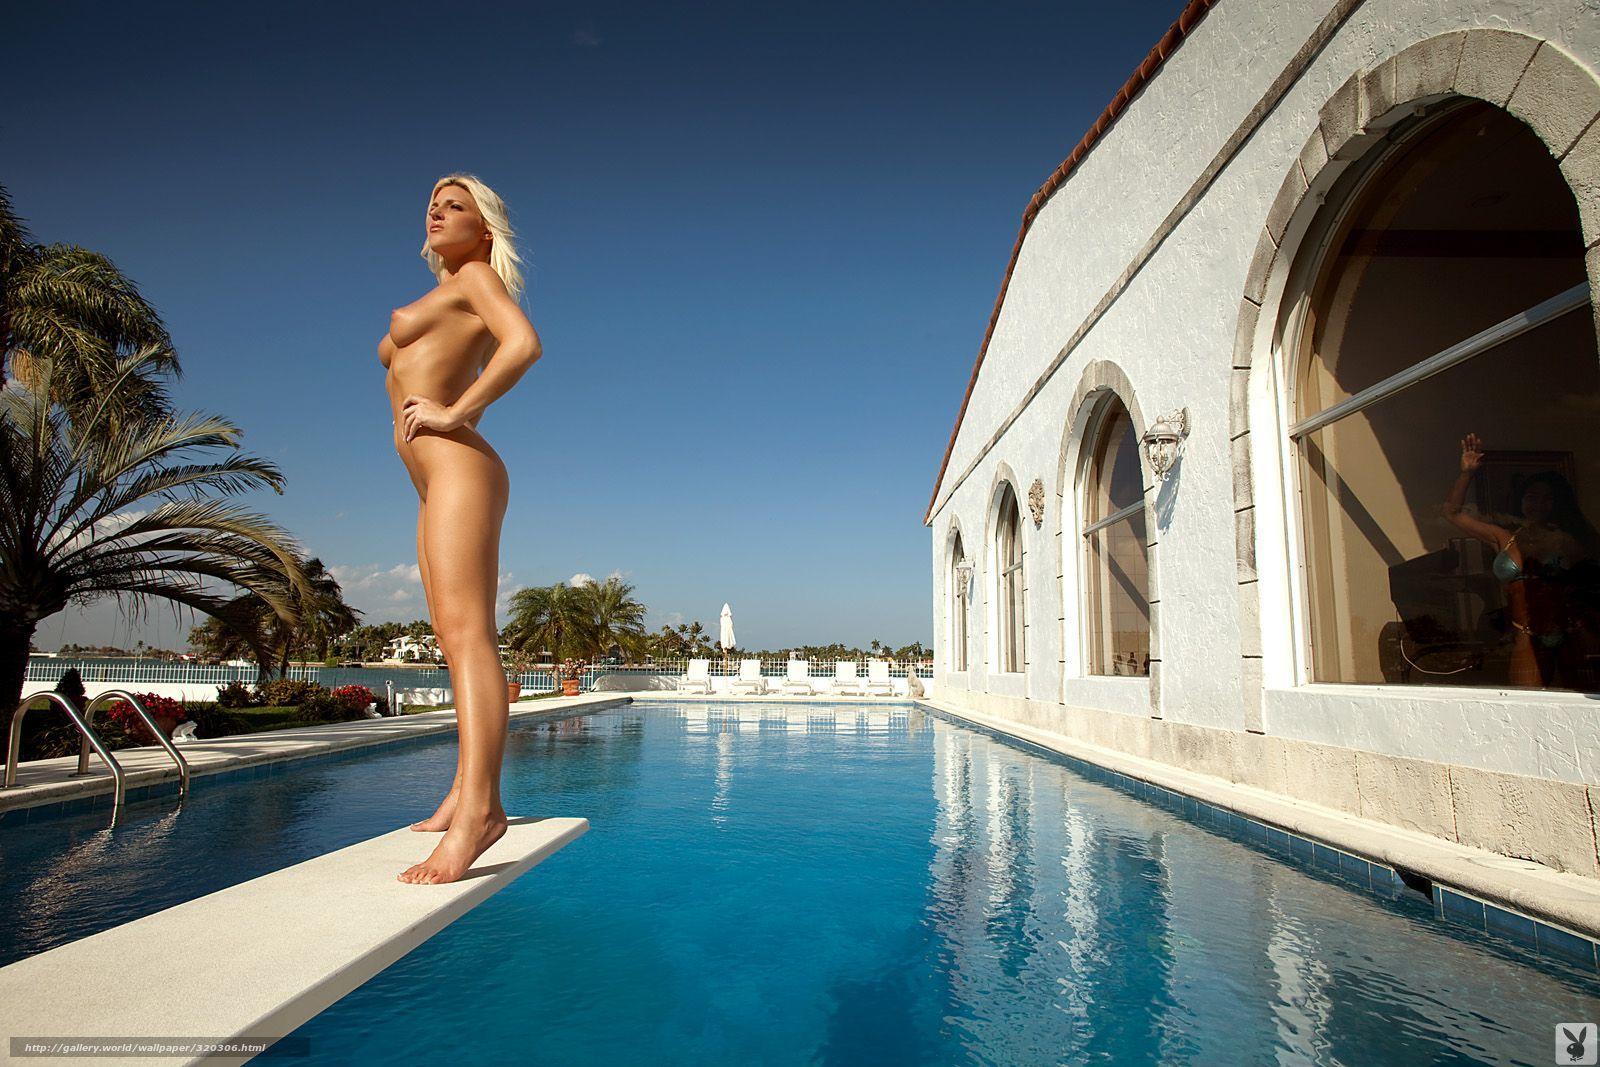 Niki lee young, модель playboy, сексуальная, симпатичная фото.